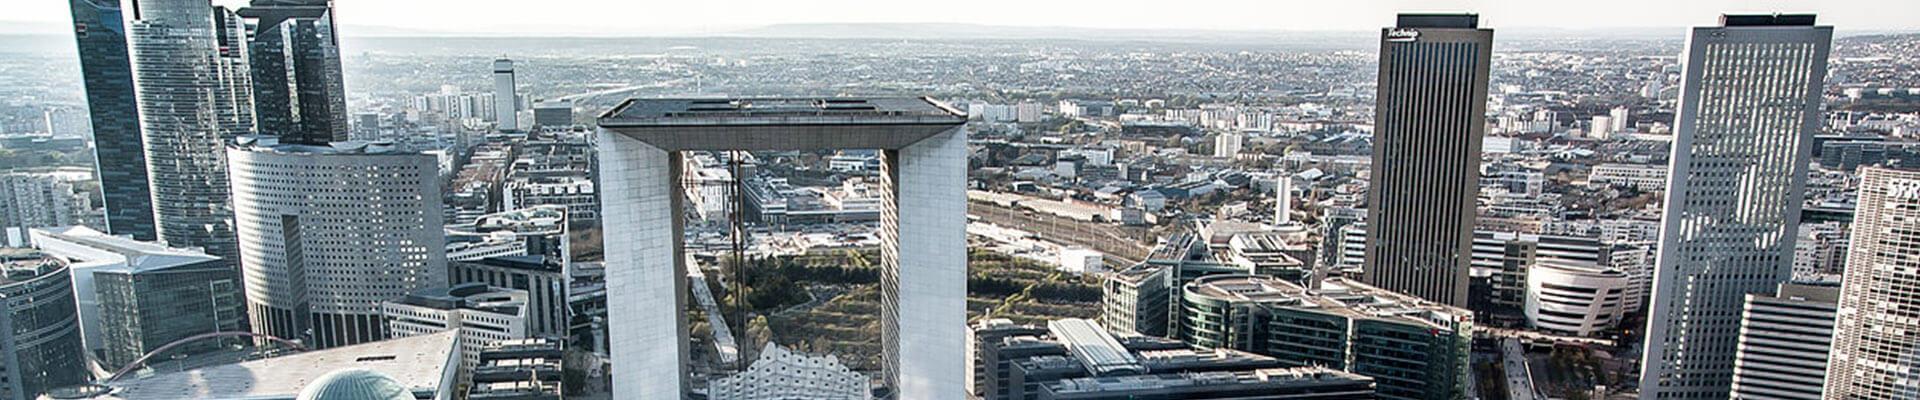 Un centre d'affaires à Paris : une exposition assurée